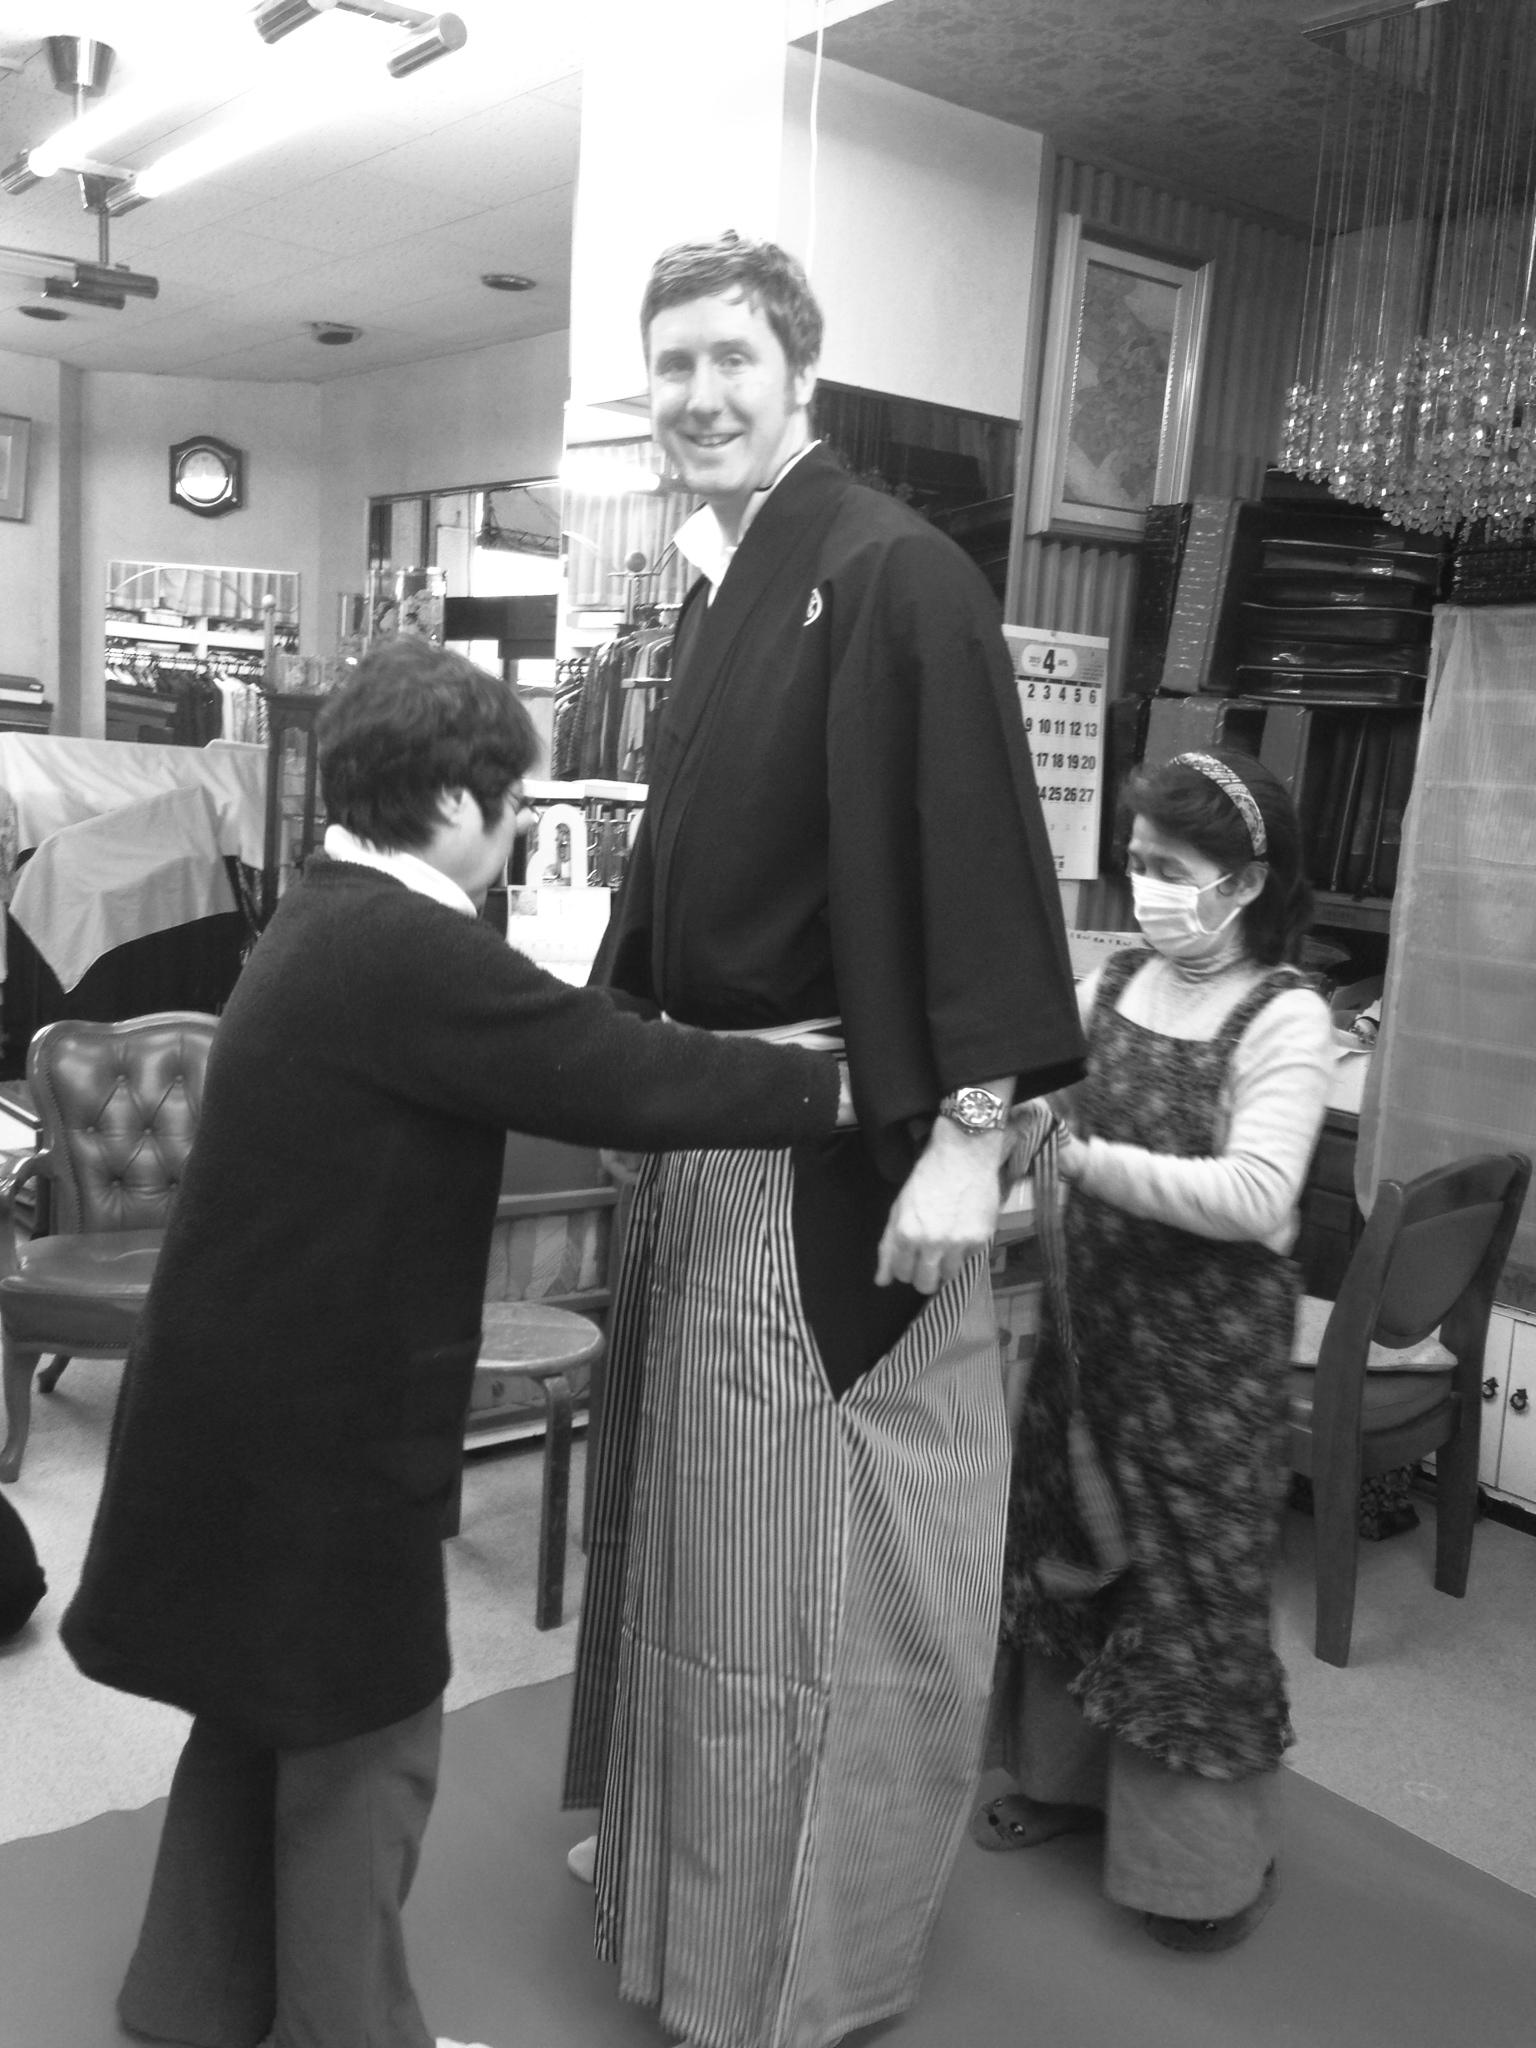 Sumo Size Traditional Japanese Wedding Hakama Clothing